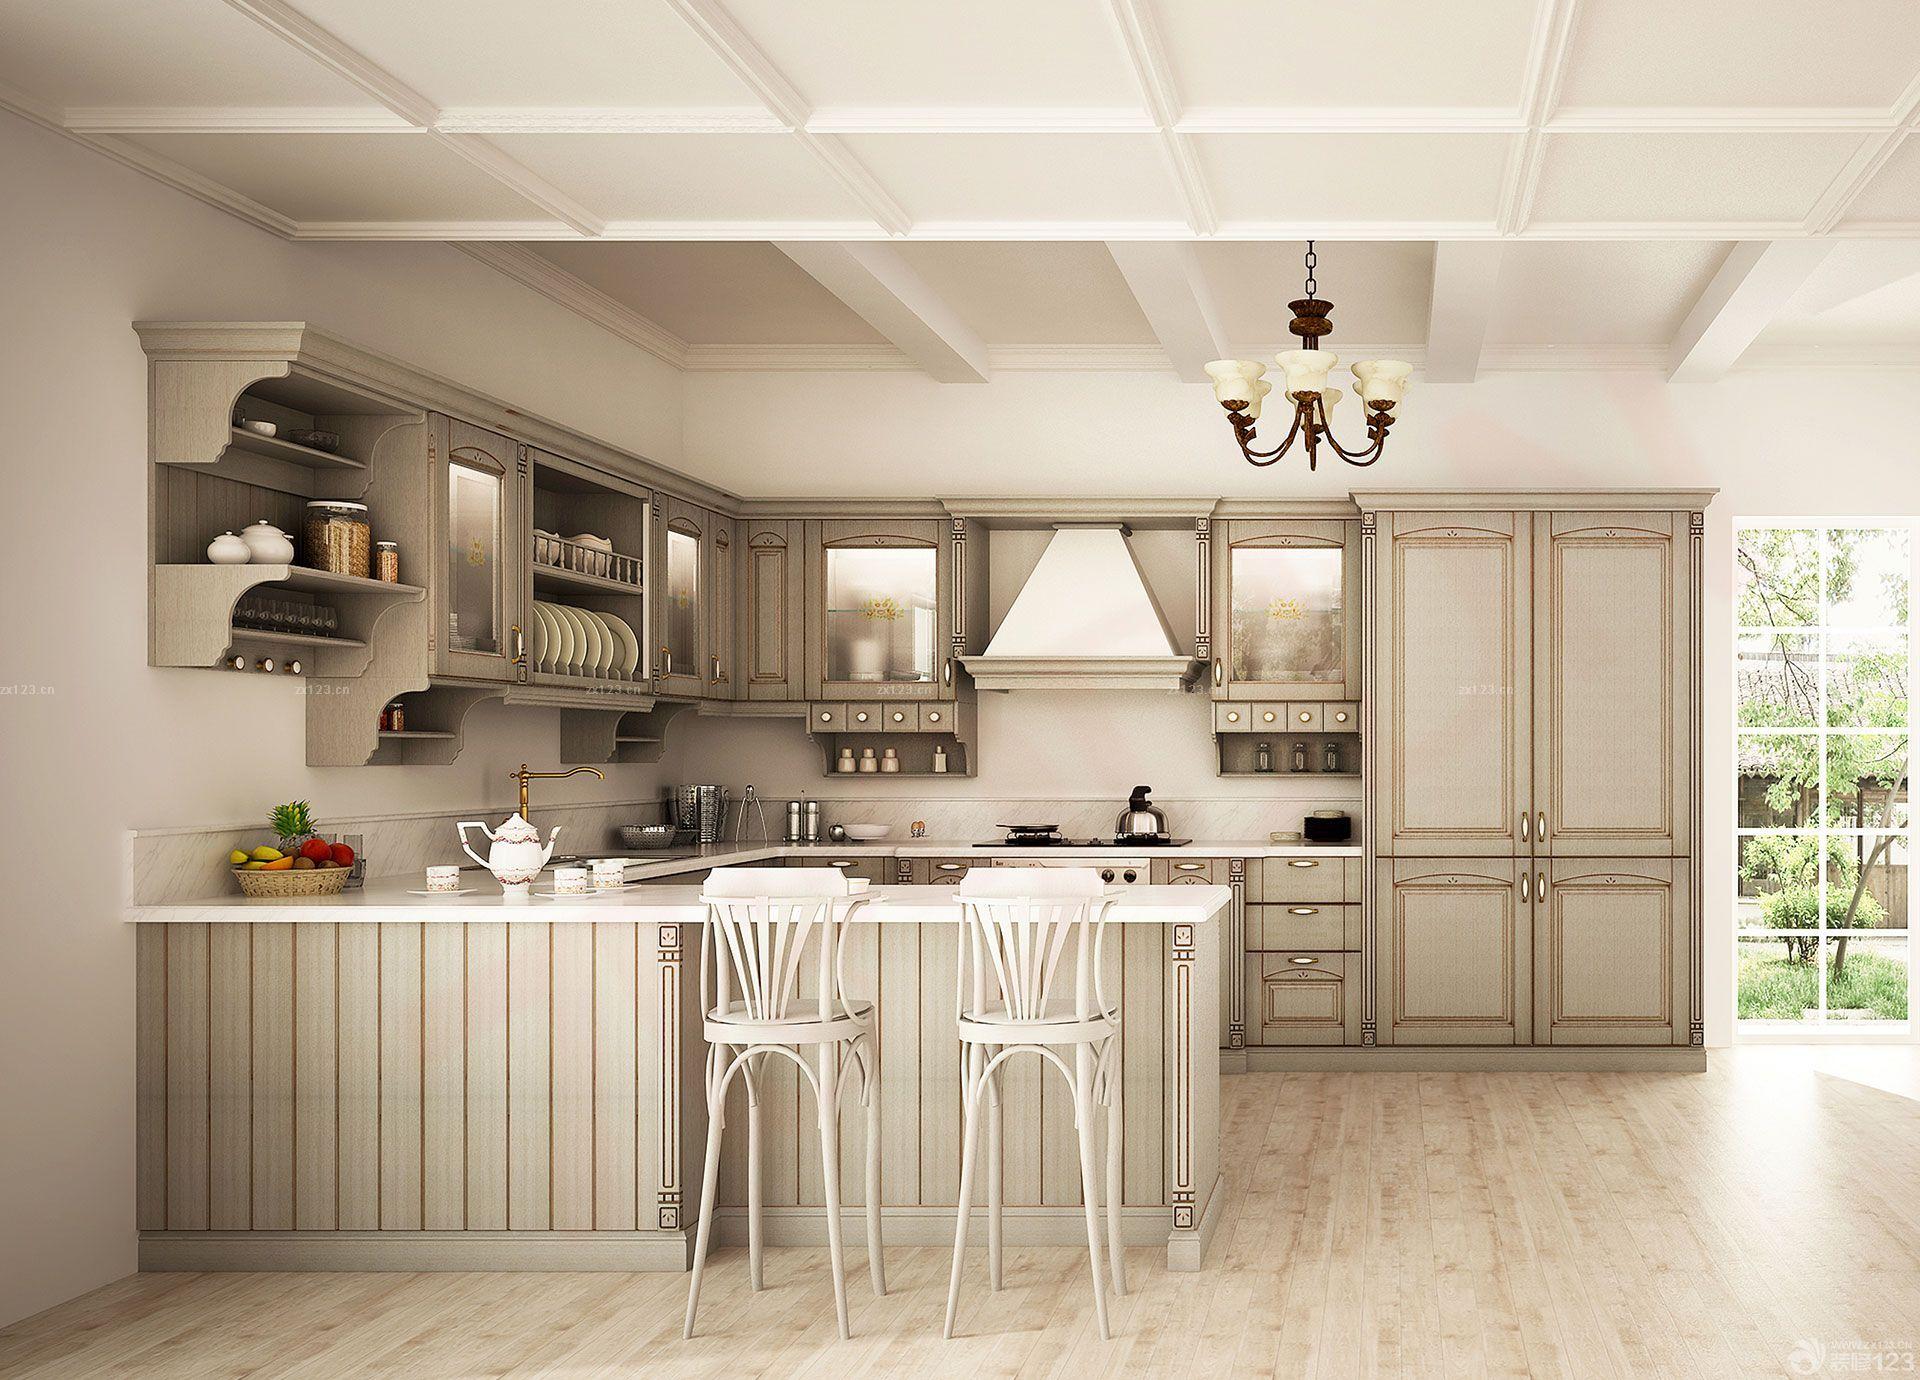 2015国外别墅欧式开放式厨房整体橱柜效果图